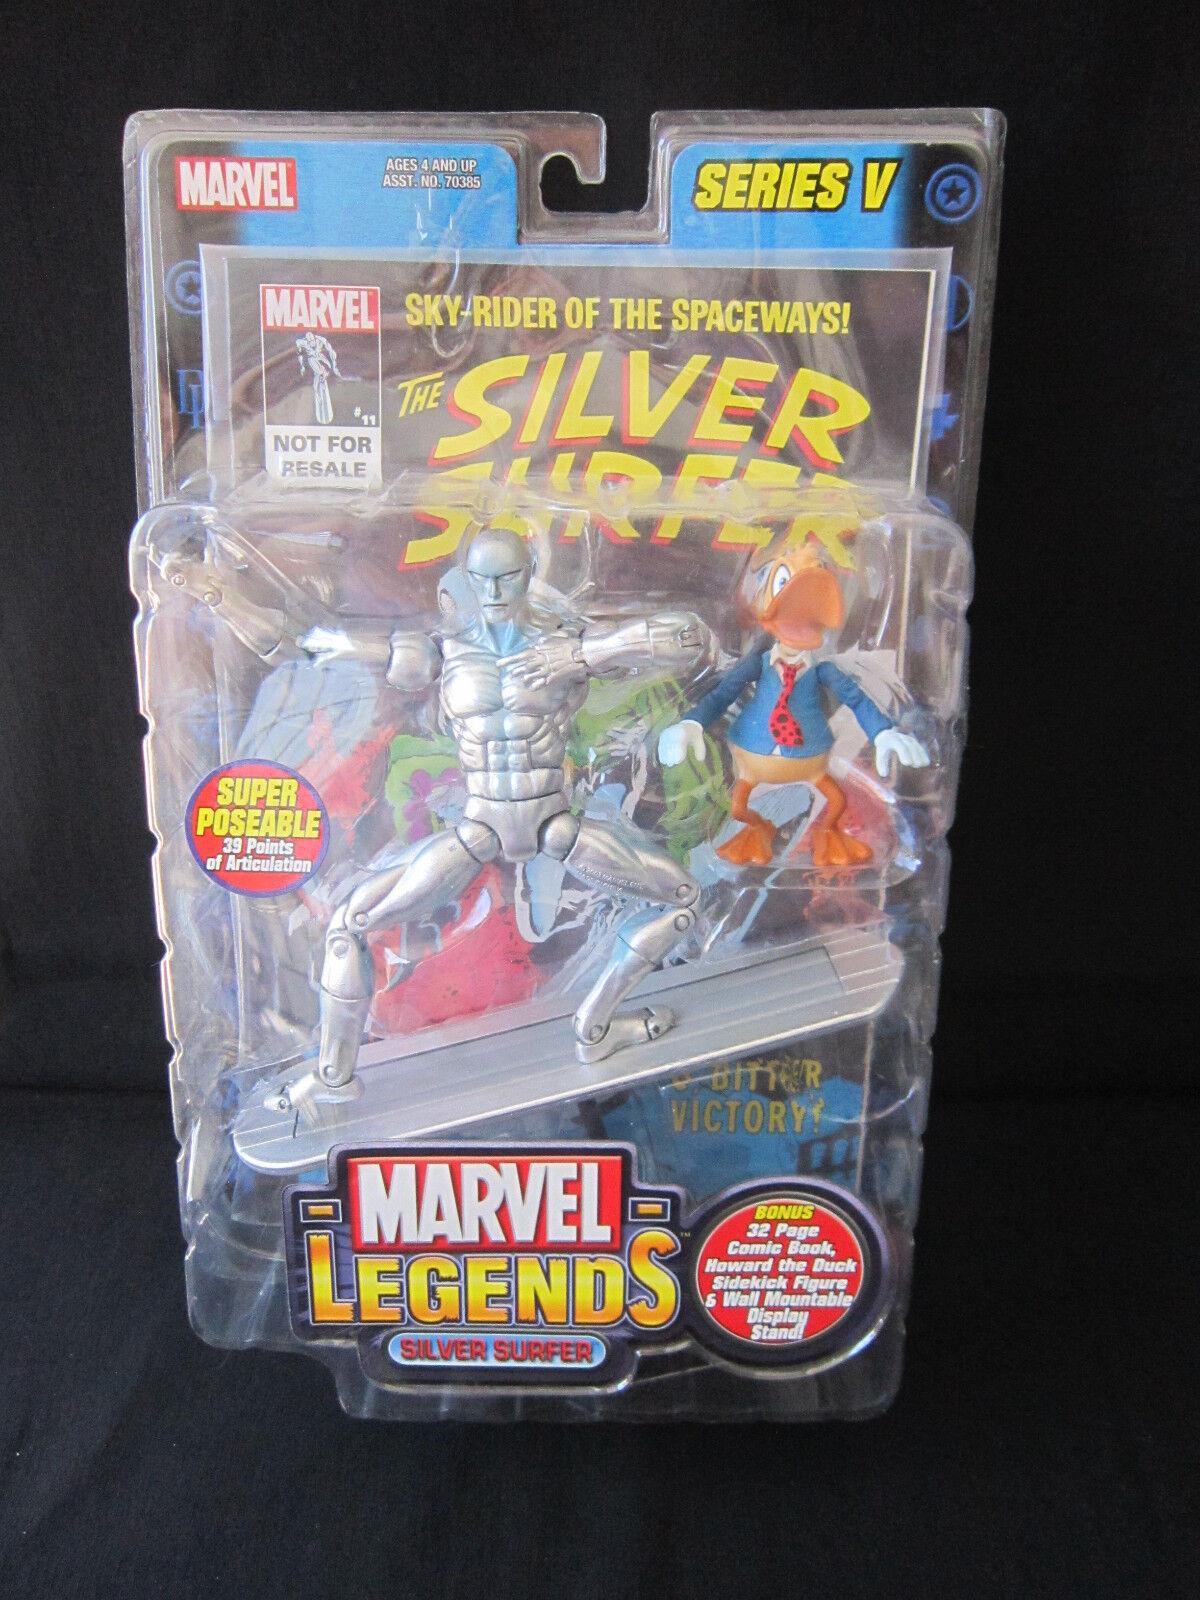 Marvel leggende SERIE V argento SURFER cifra giocattolo BIZ con Howard il Papero & FUMETTI